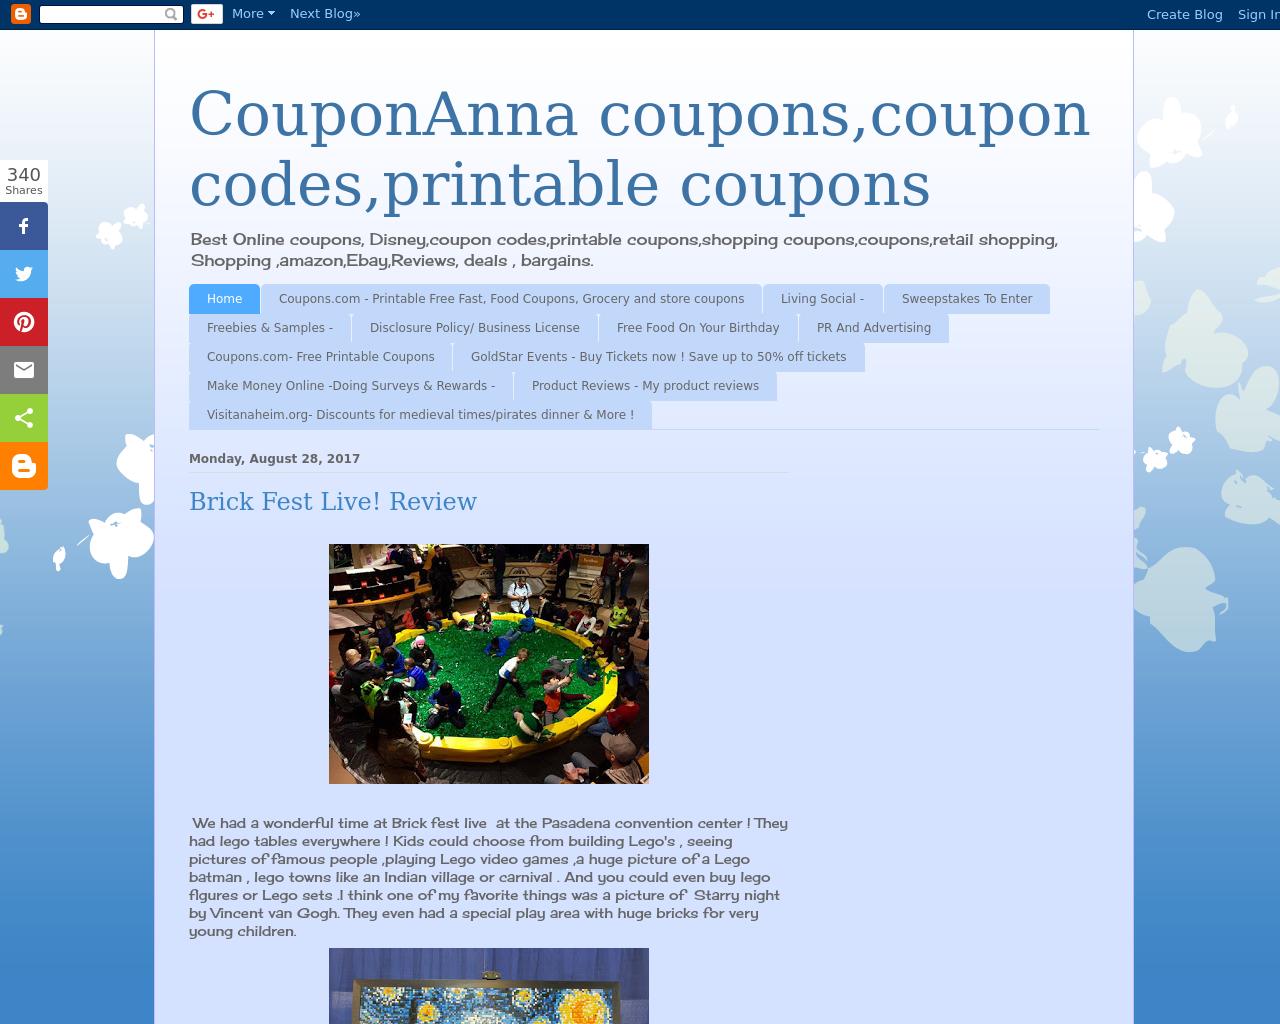 CouponAnna-Advertising-Reviews-Pricing